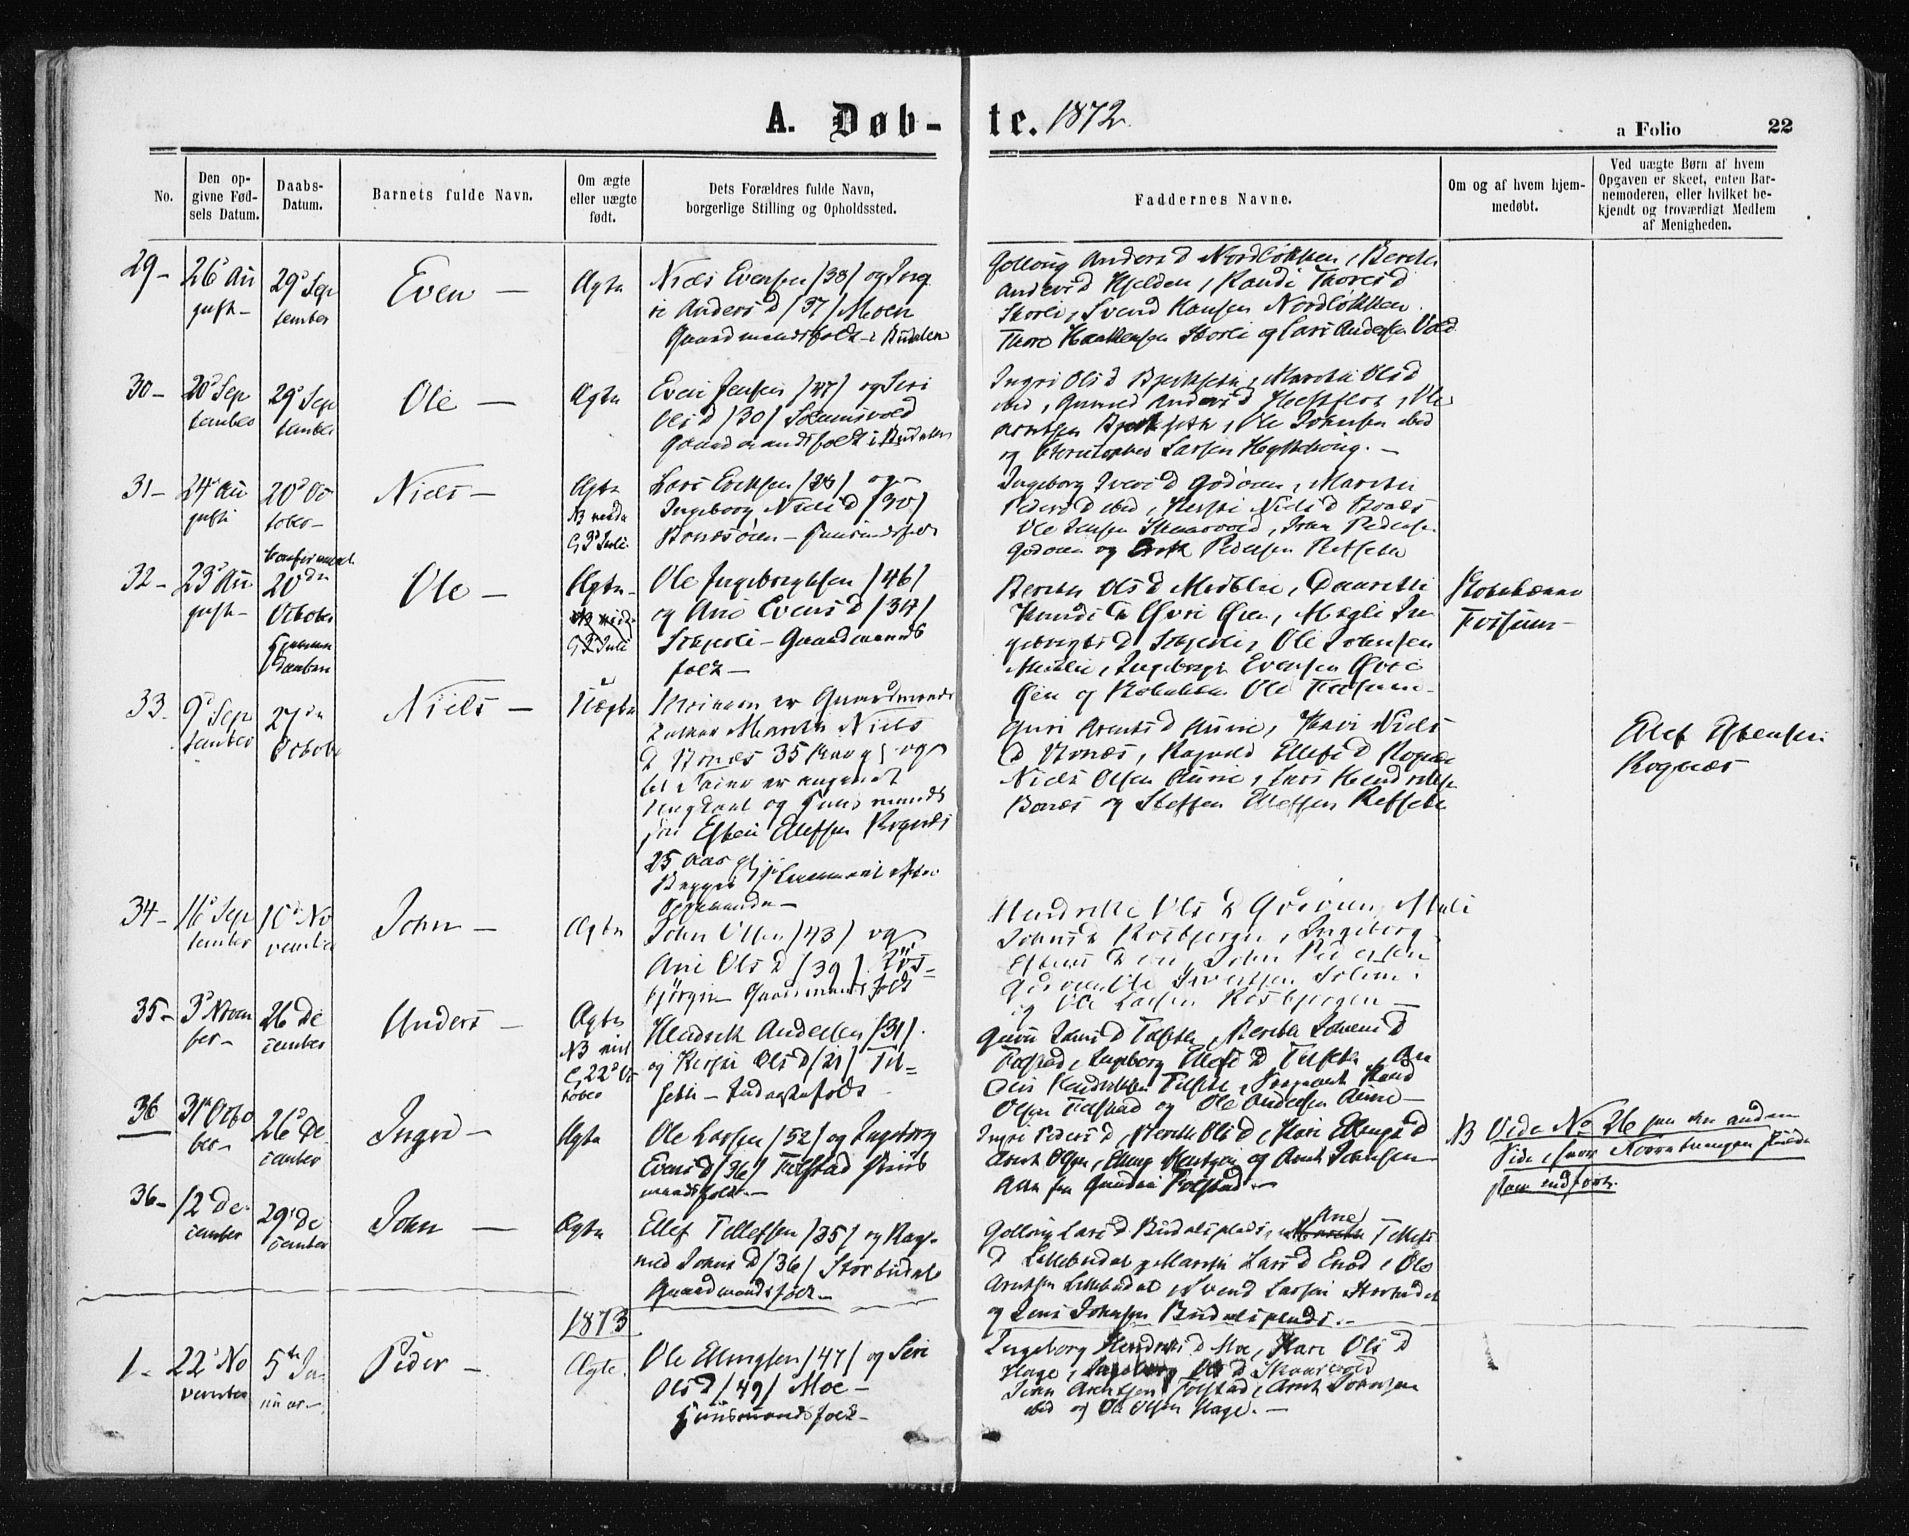 SAT, Ministerialprotokoller, klokkerbøker og fødselsregistre - Sør-Trøndelag, 687/L1001: Ministerialbok nr. 687A07, 1863-1878, s. 22